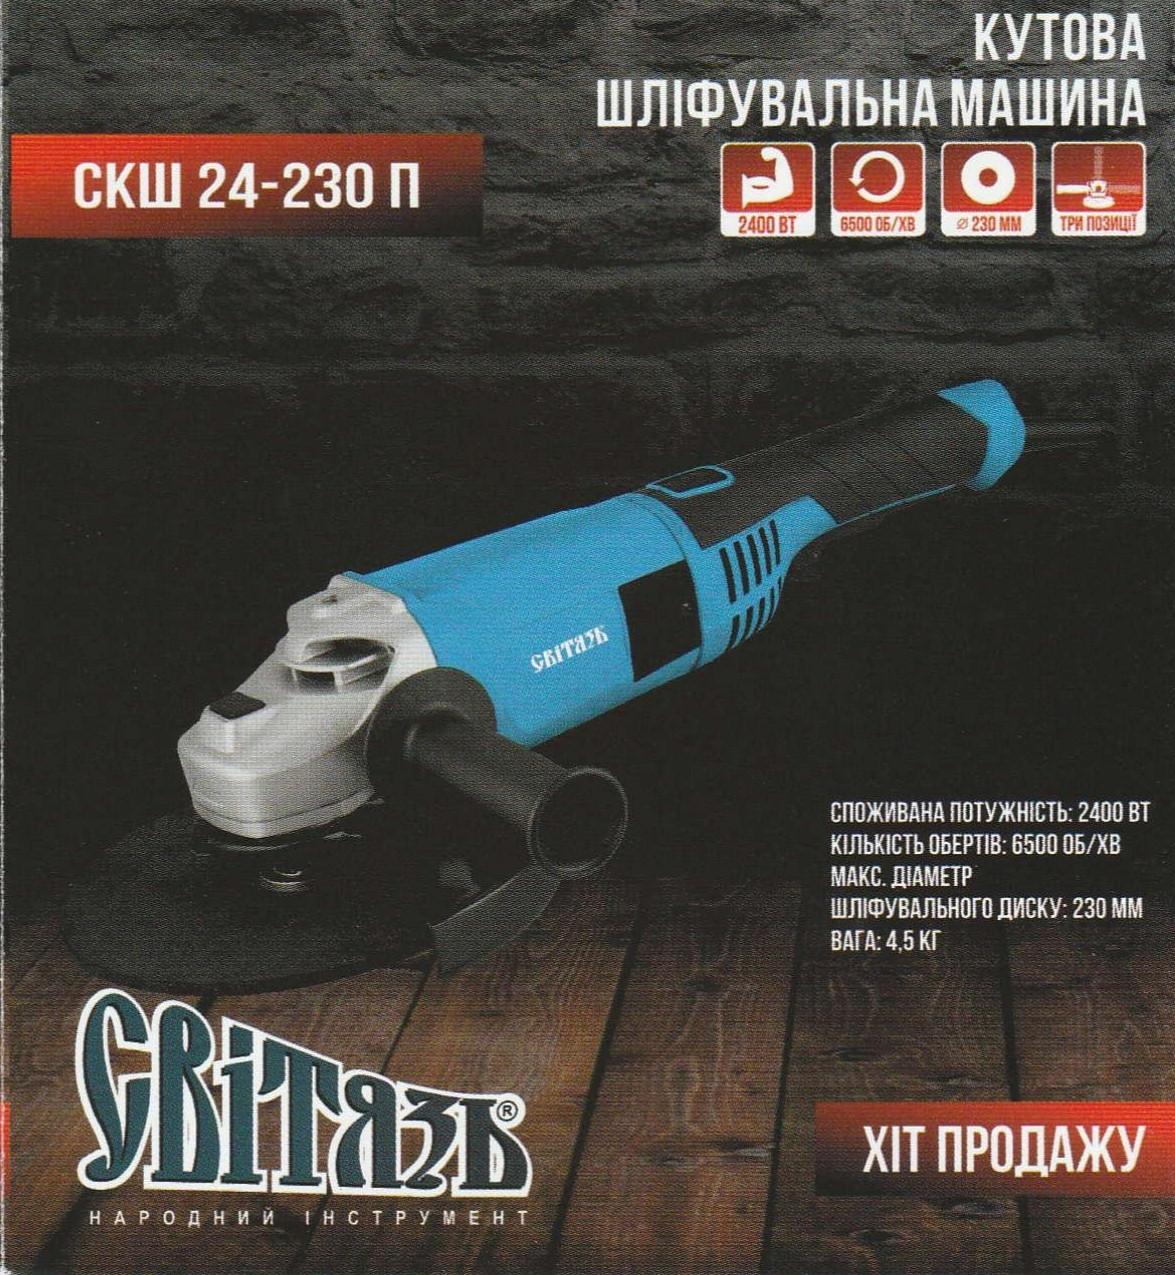 Угловая Шлифовальная Машина  Свитязь СКШ 24-230 П